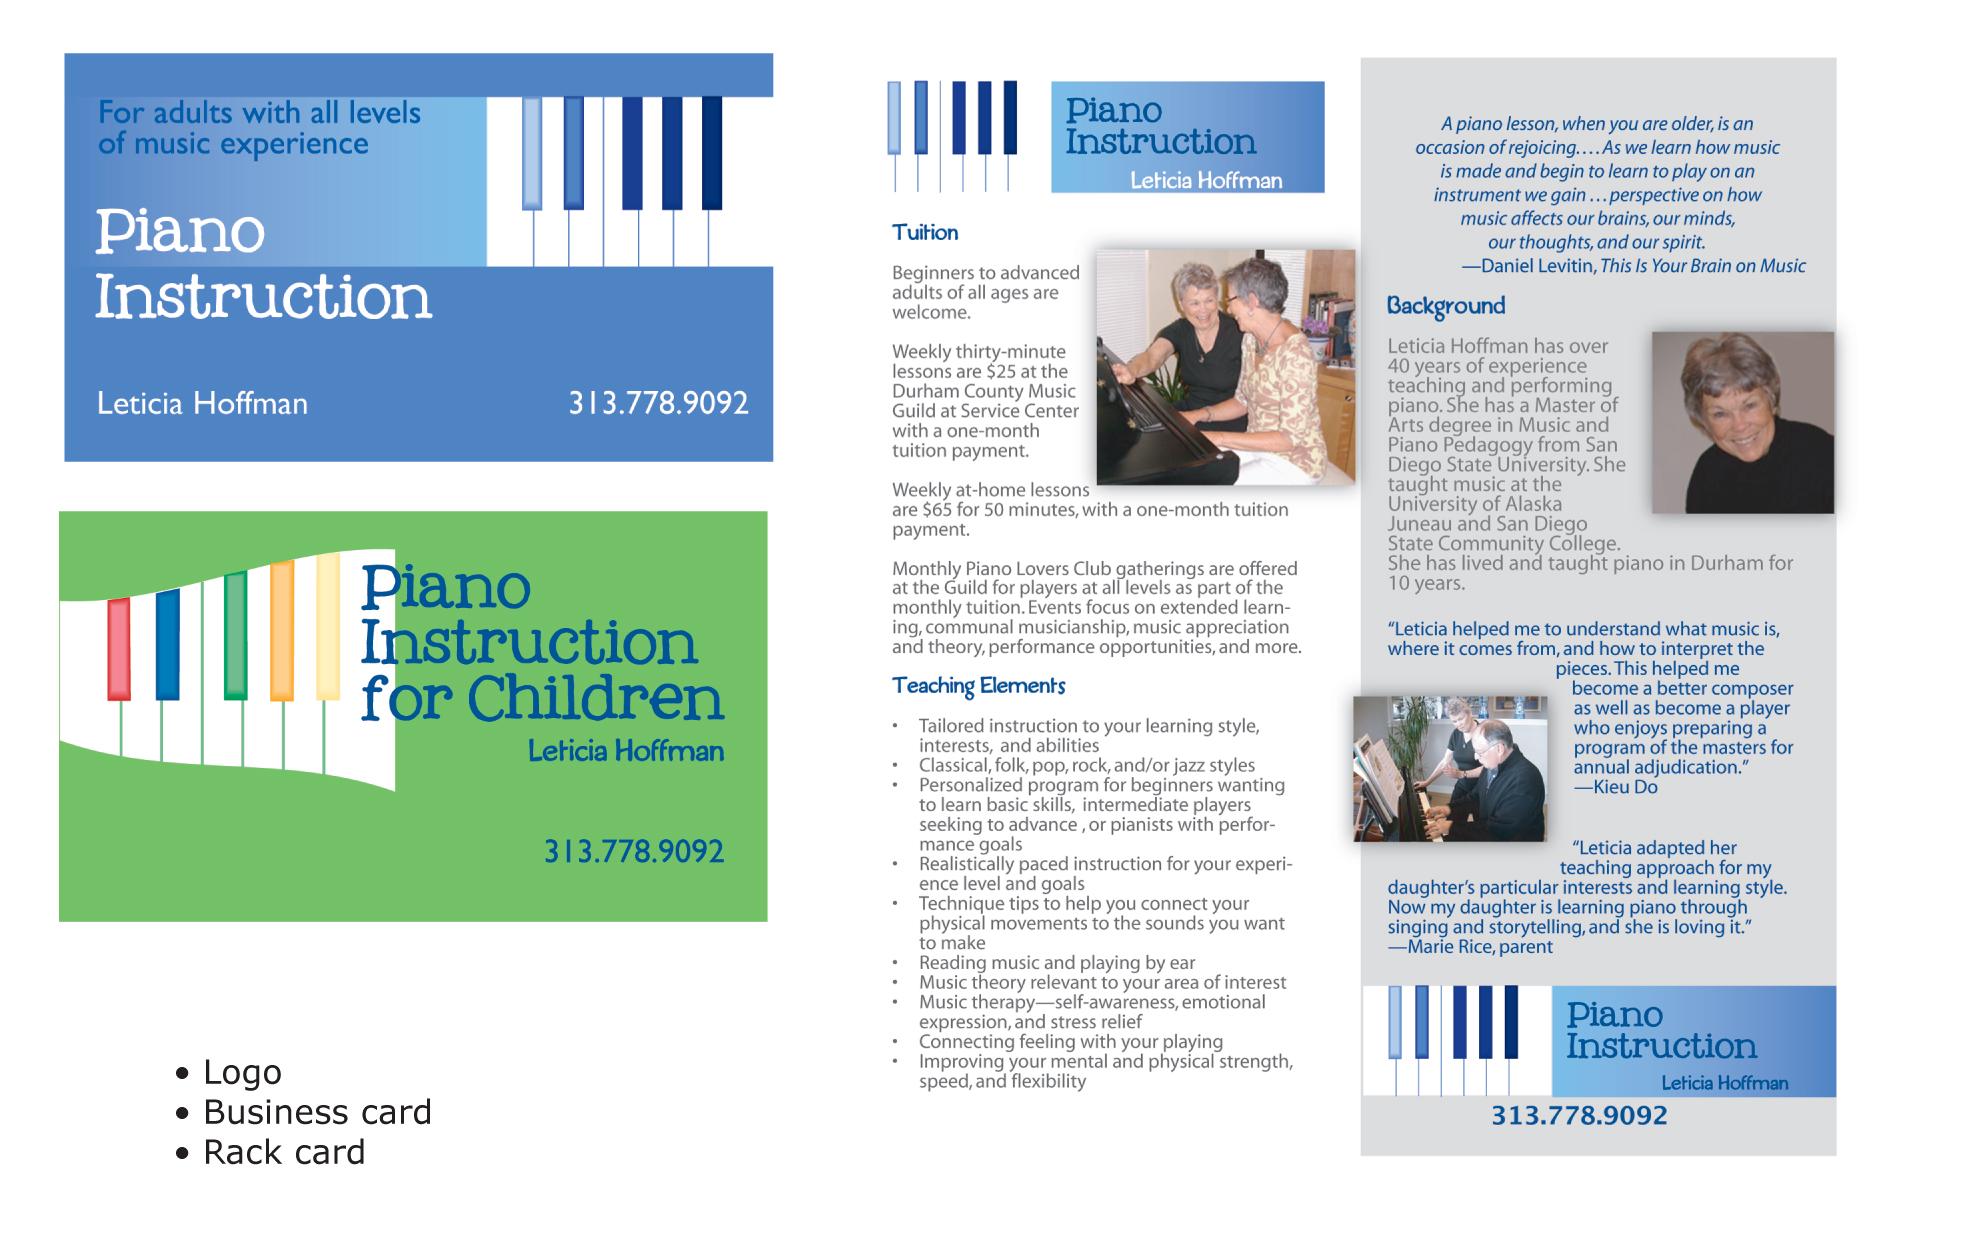 Branding for music instructor